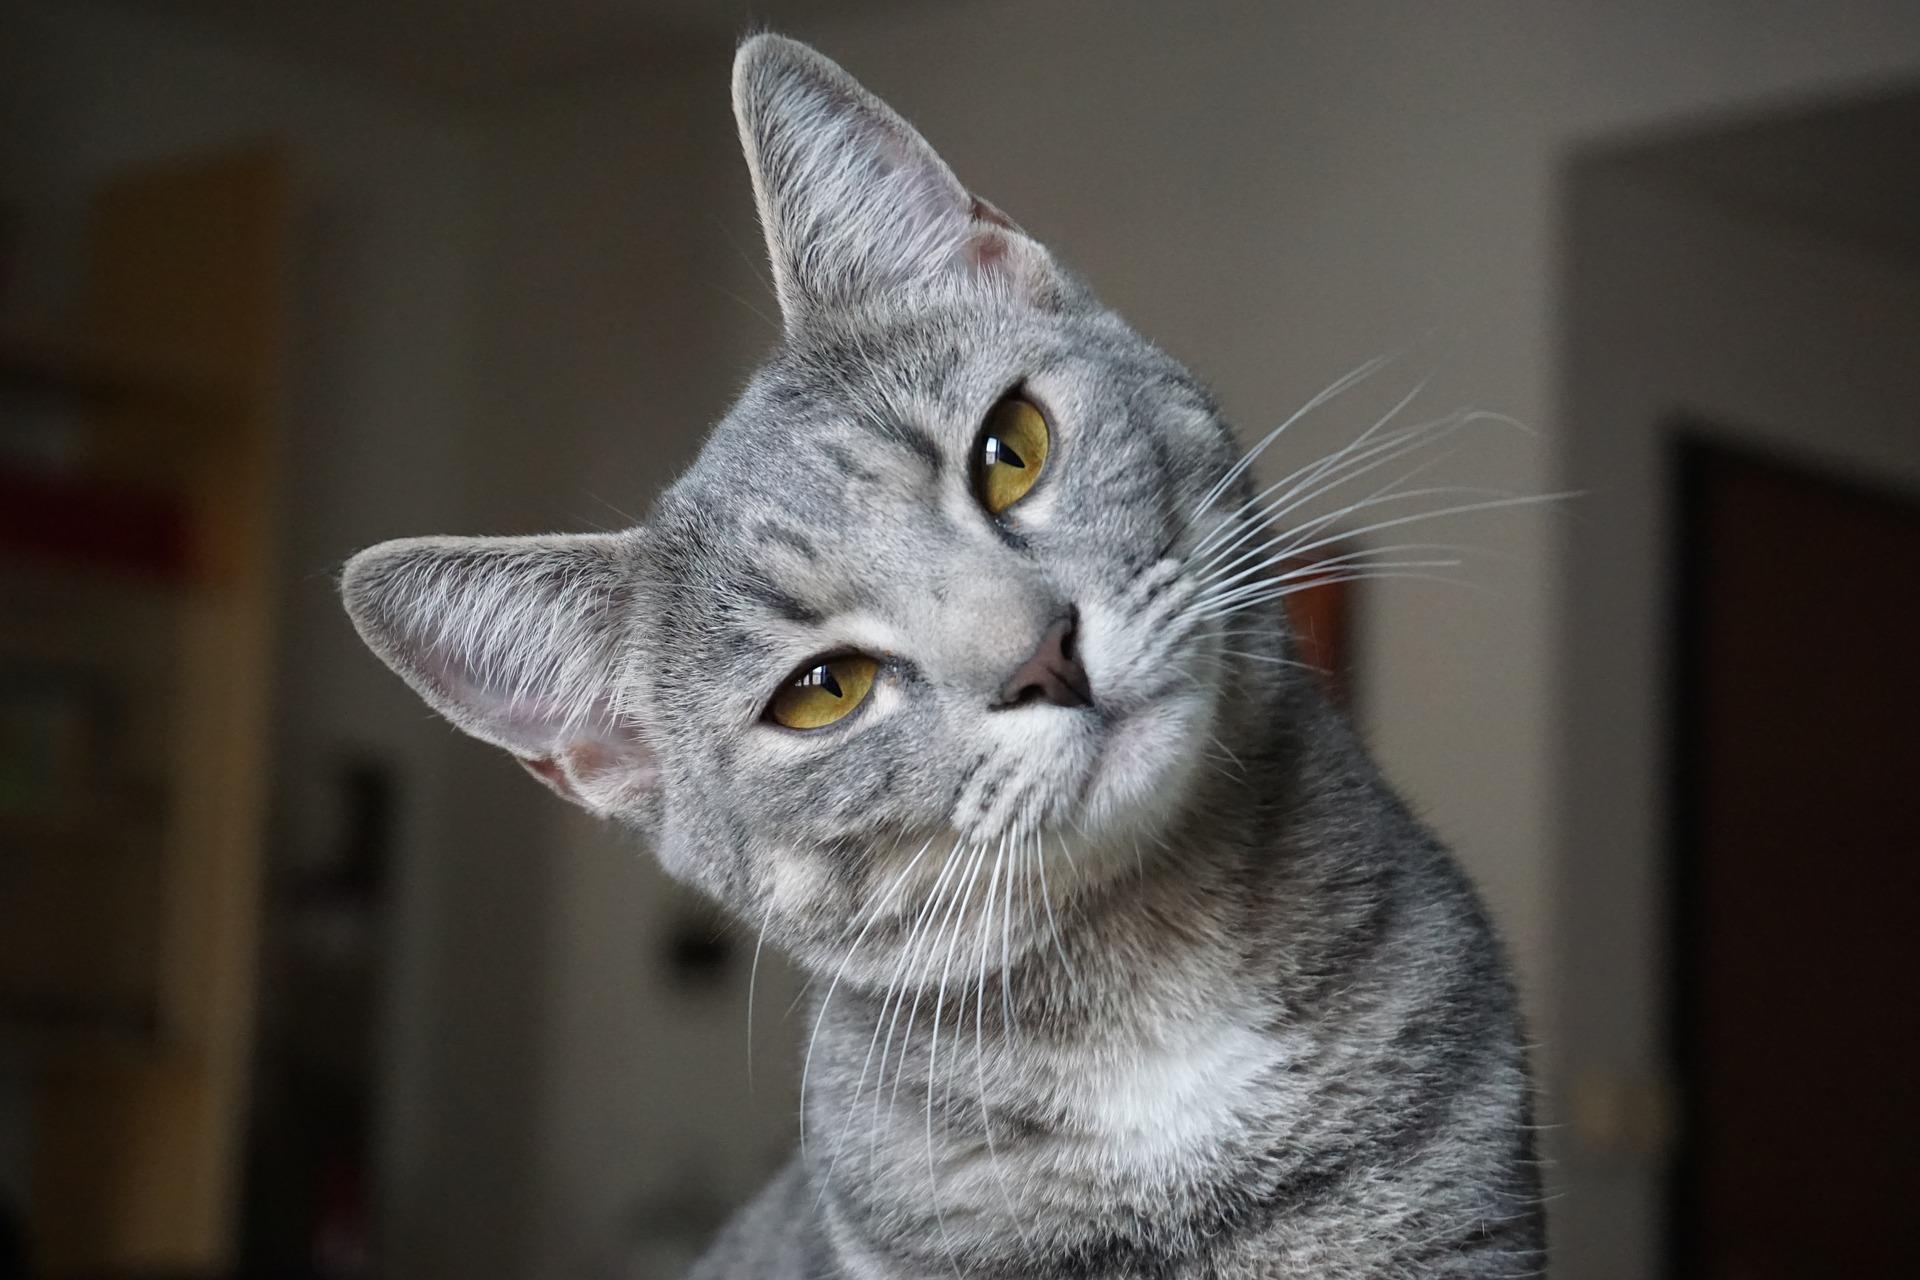 Nadczynność tarczycy może dotknąć również koty i inne zwierzęta domowe. Objawia się ona spadkiem masy ciała, nerwowość, apatią, częstszym oddawaniem moczu.